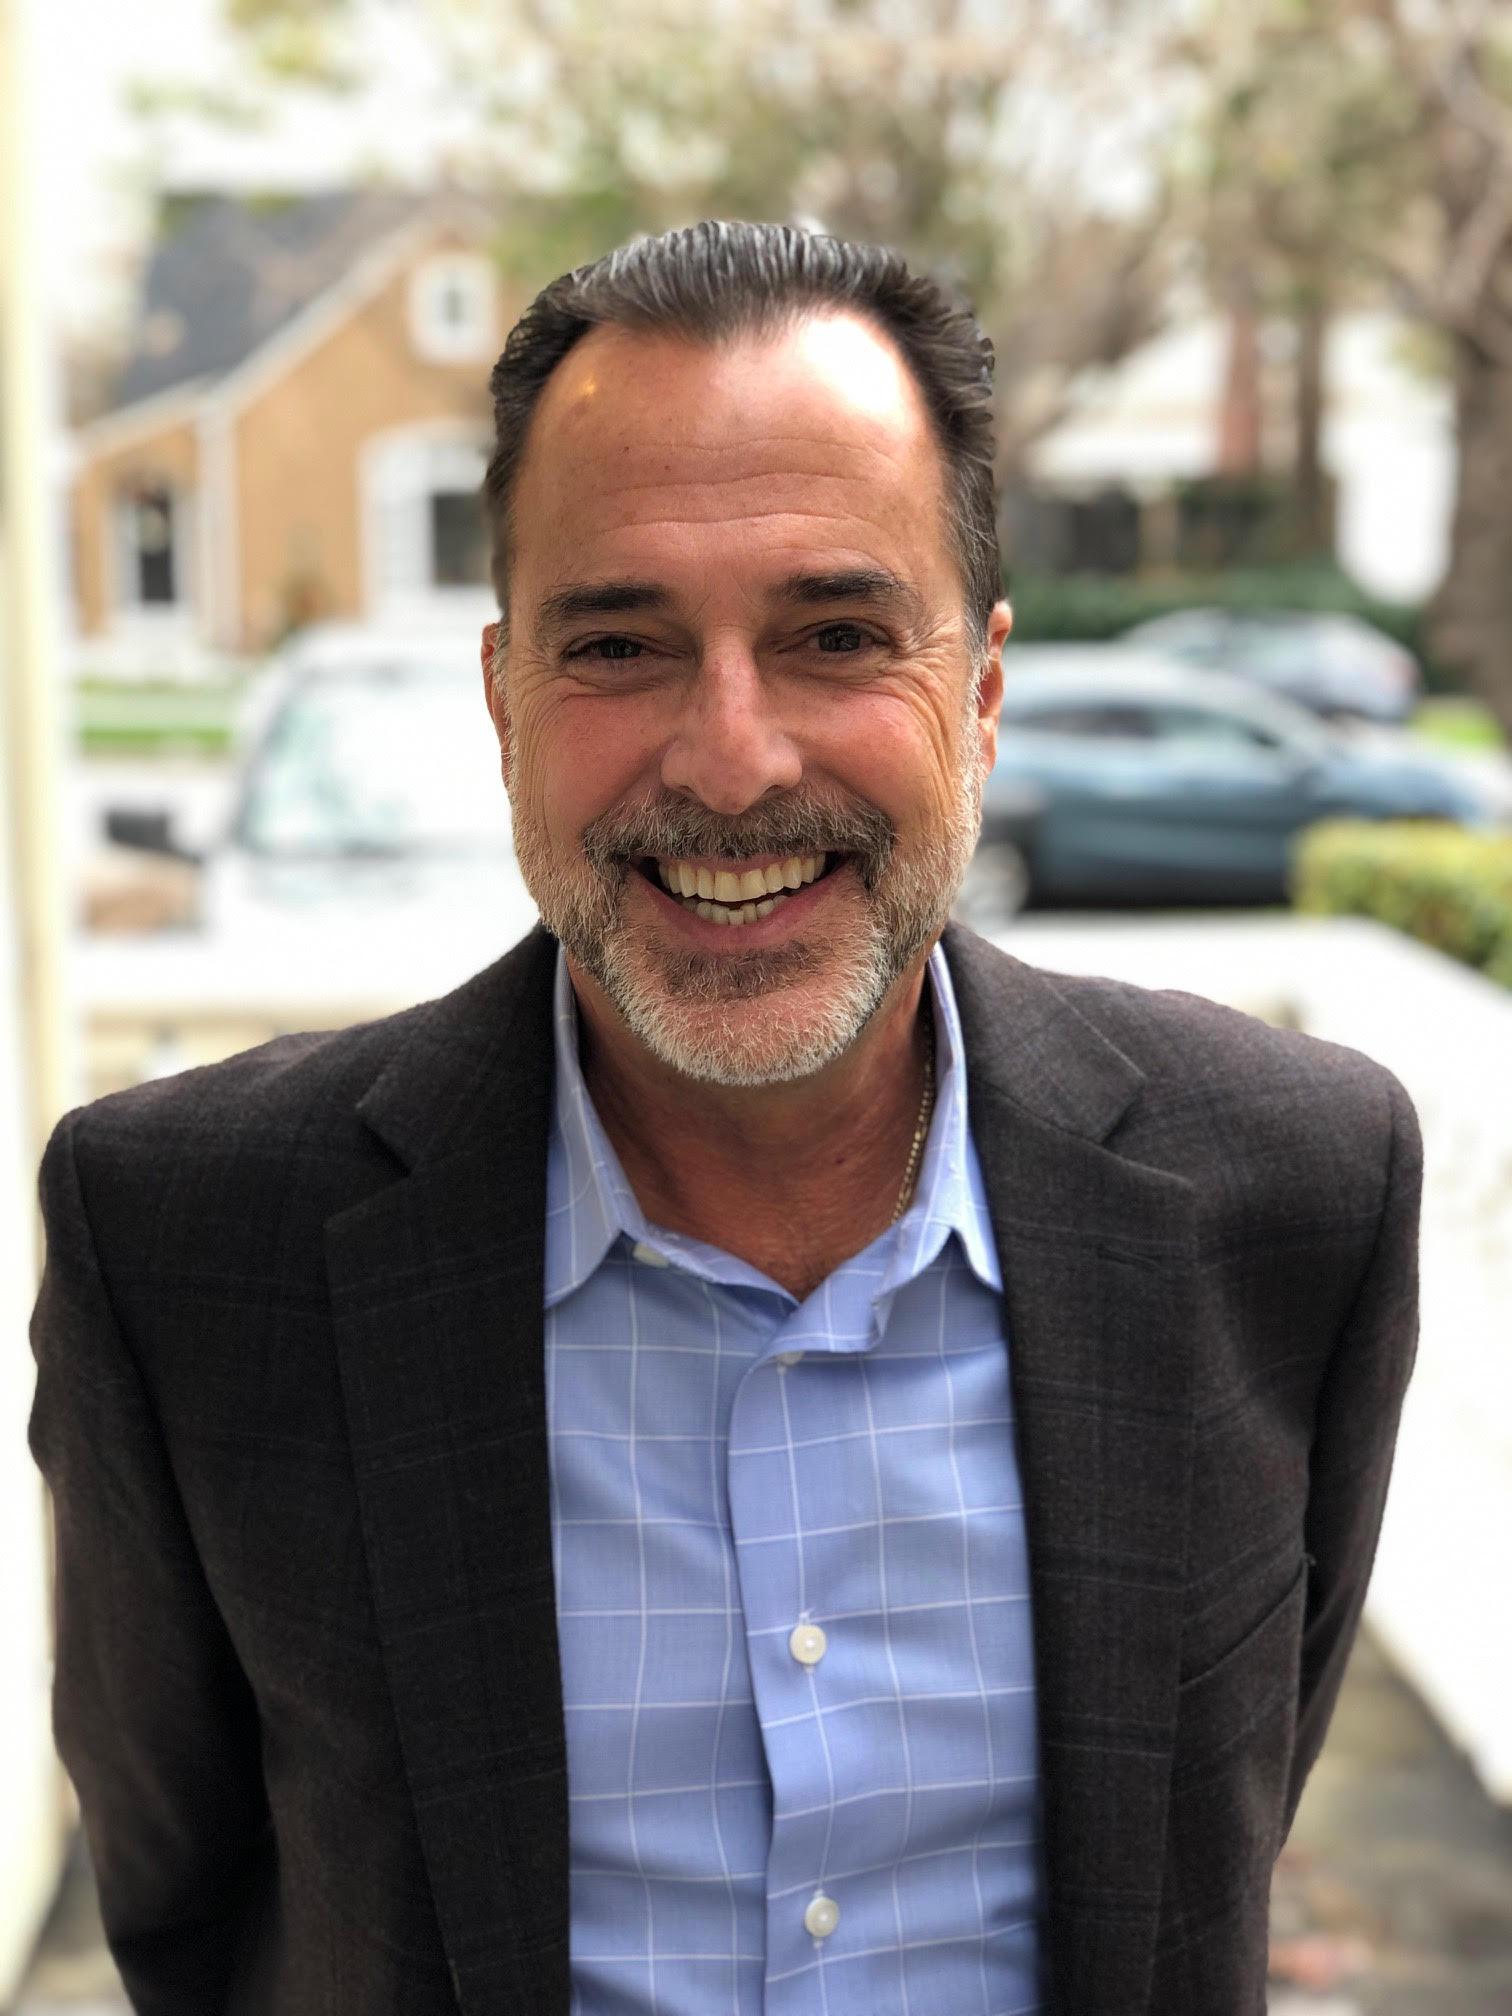 Nick Tsolis